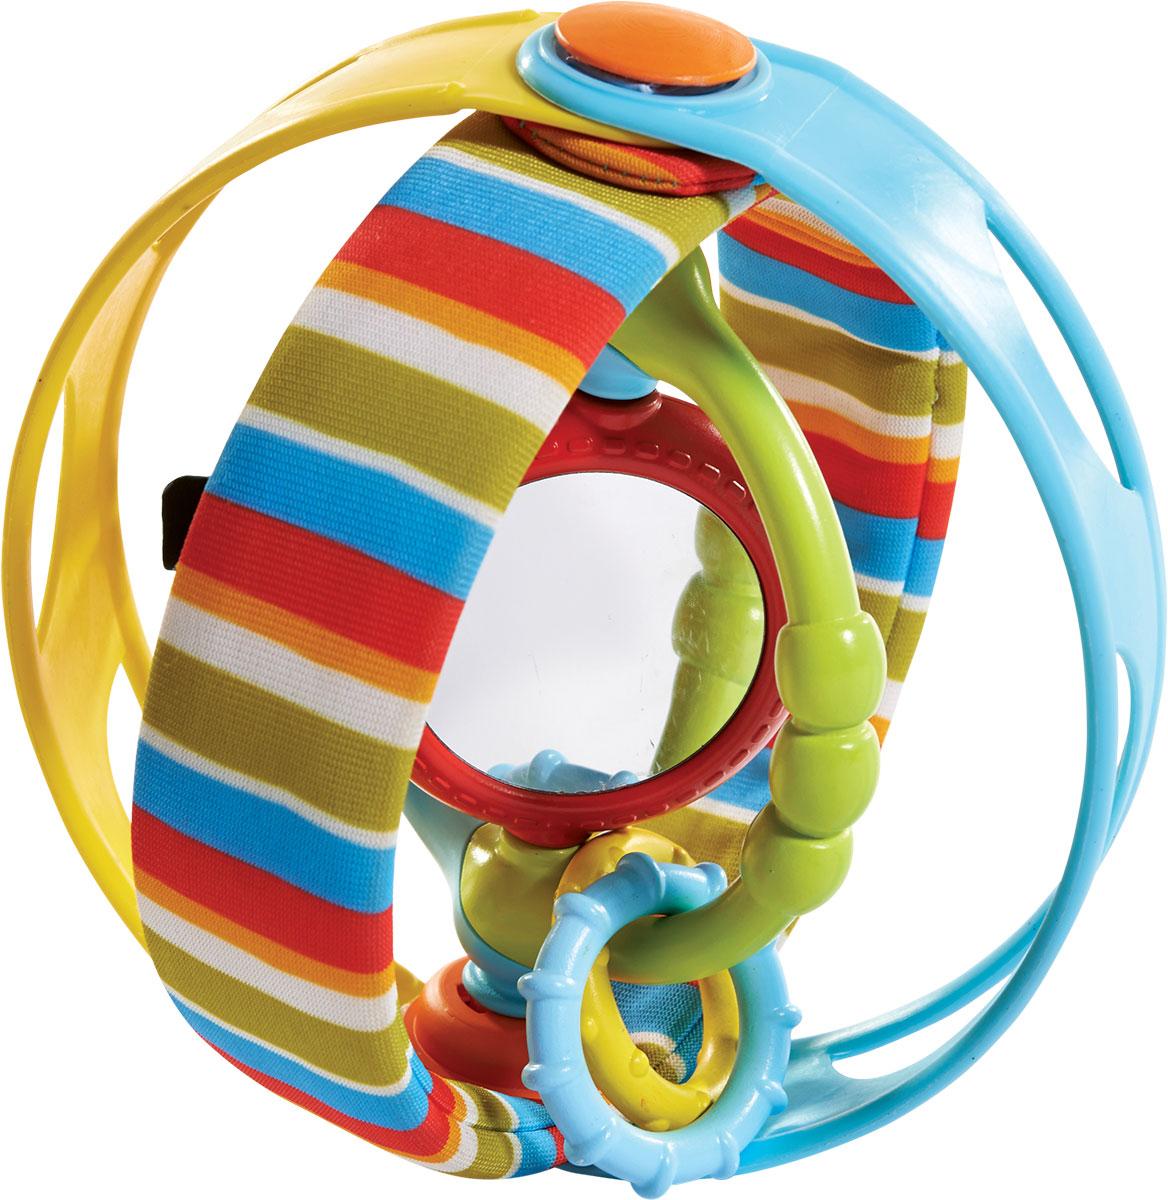 Tiny Love Развивающая игрушка Вращающийся бубен1502606830Развивающая игрушка Вращающийся бубен от бренда Tiny Love предназначена для игры на животике, развития мелкой моторики, а также в качестве мячика. Яркая расцветка привлечет внимание малыша, а разнообразная текстура позволит развить тактильные ощущения. Игрушка оснащена безопасным зеркальцем, шуршащими элементами, а также радужной анимацией: это позволяет малышу тренировать глазные мышцы и фокусировать зрение. Игрушку можно катить как мячик, установить как подставку с кольцами, а также посредством двигающихся колец и звукового наполнения использовать в виде музыкального инструмента.